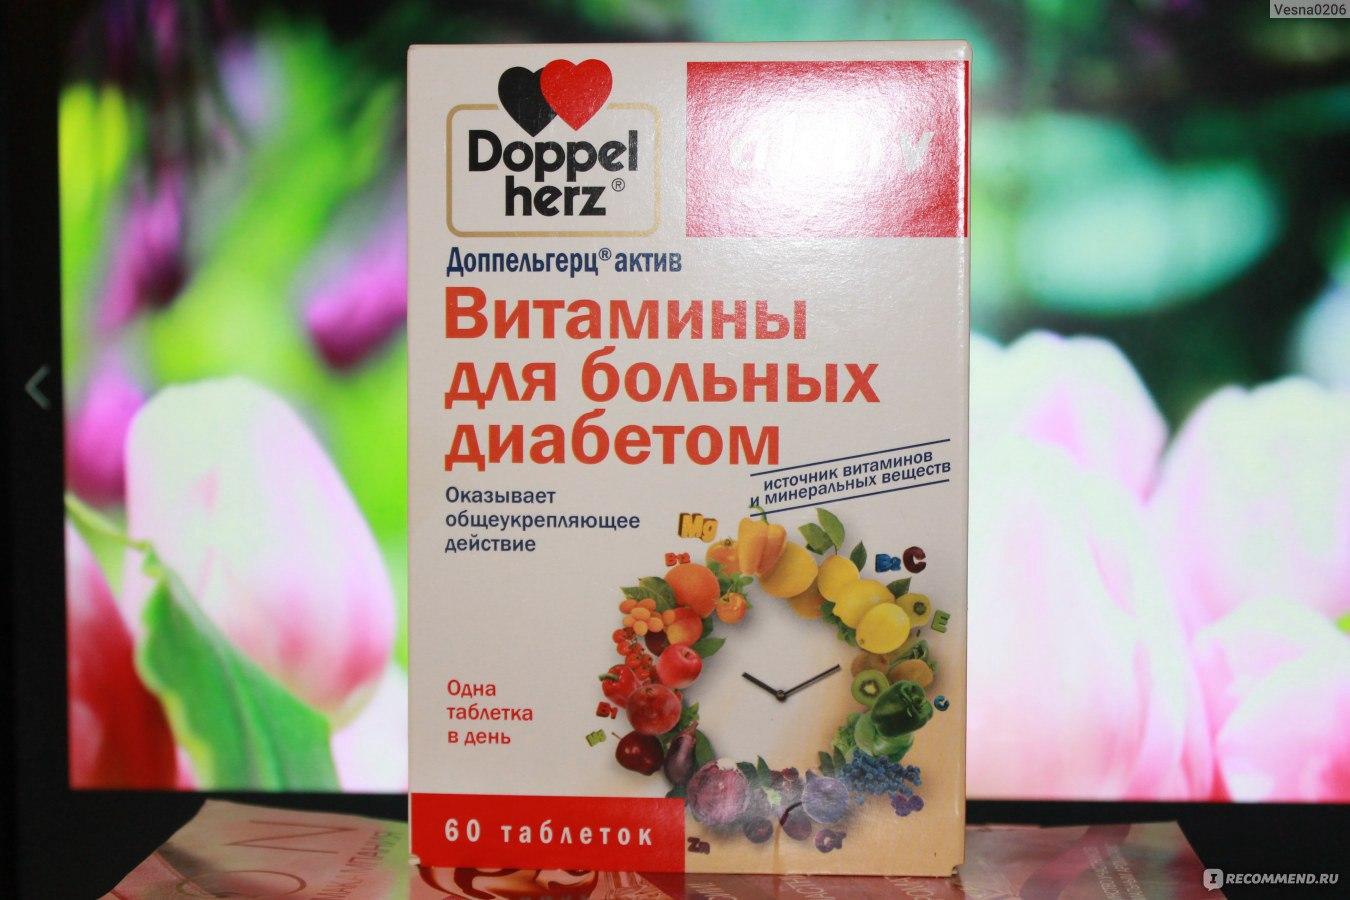 Состав витаминов для больных диабетом